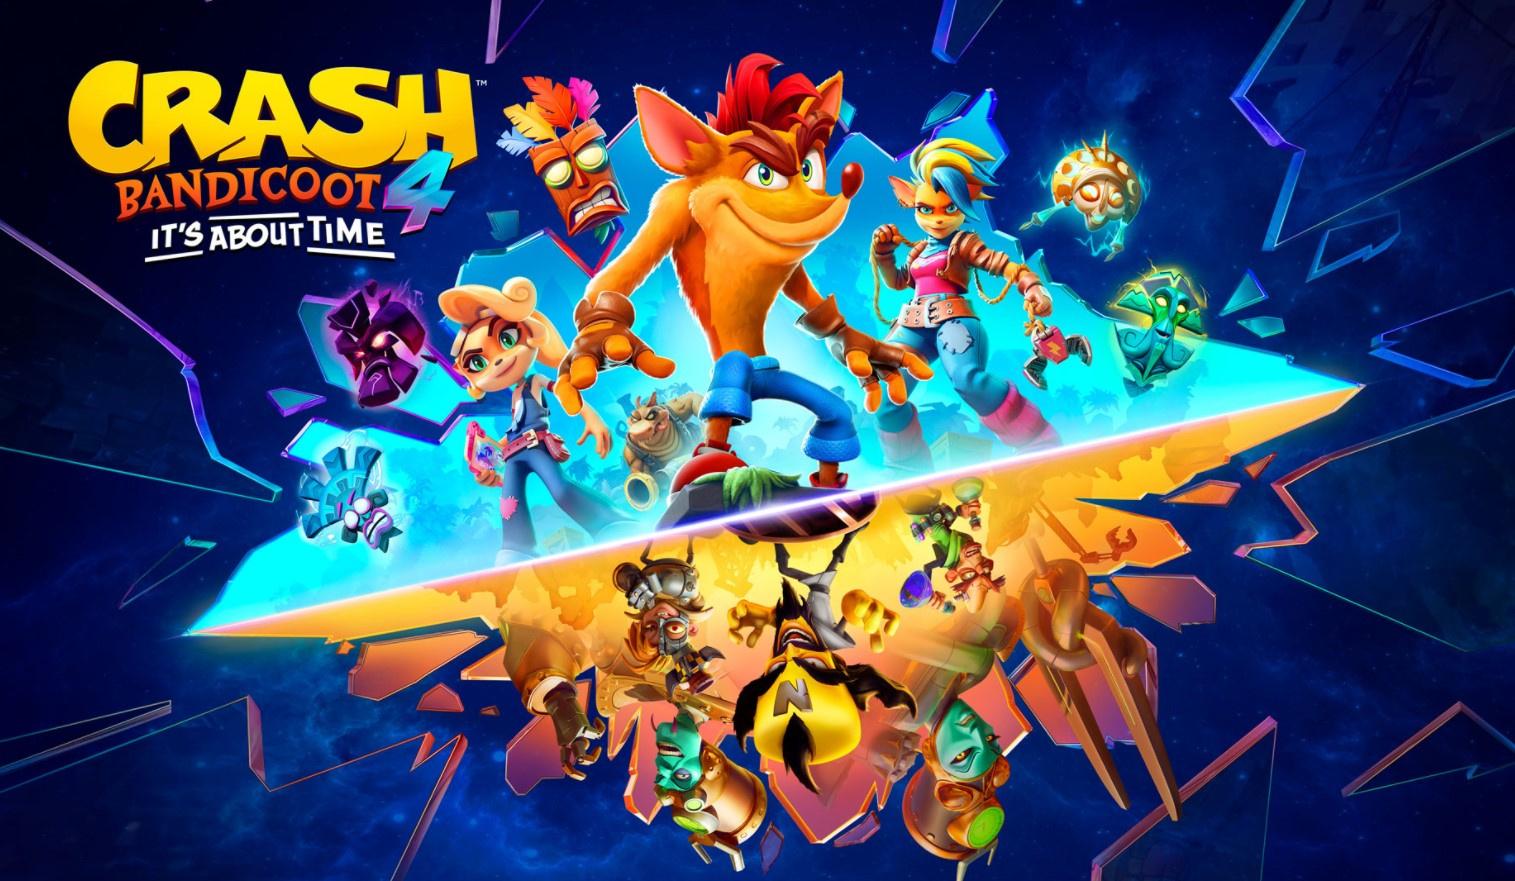 Crash Bandicoot4 выпустят на PS5, Xbox Series, Nintendo Switch и даже PC